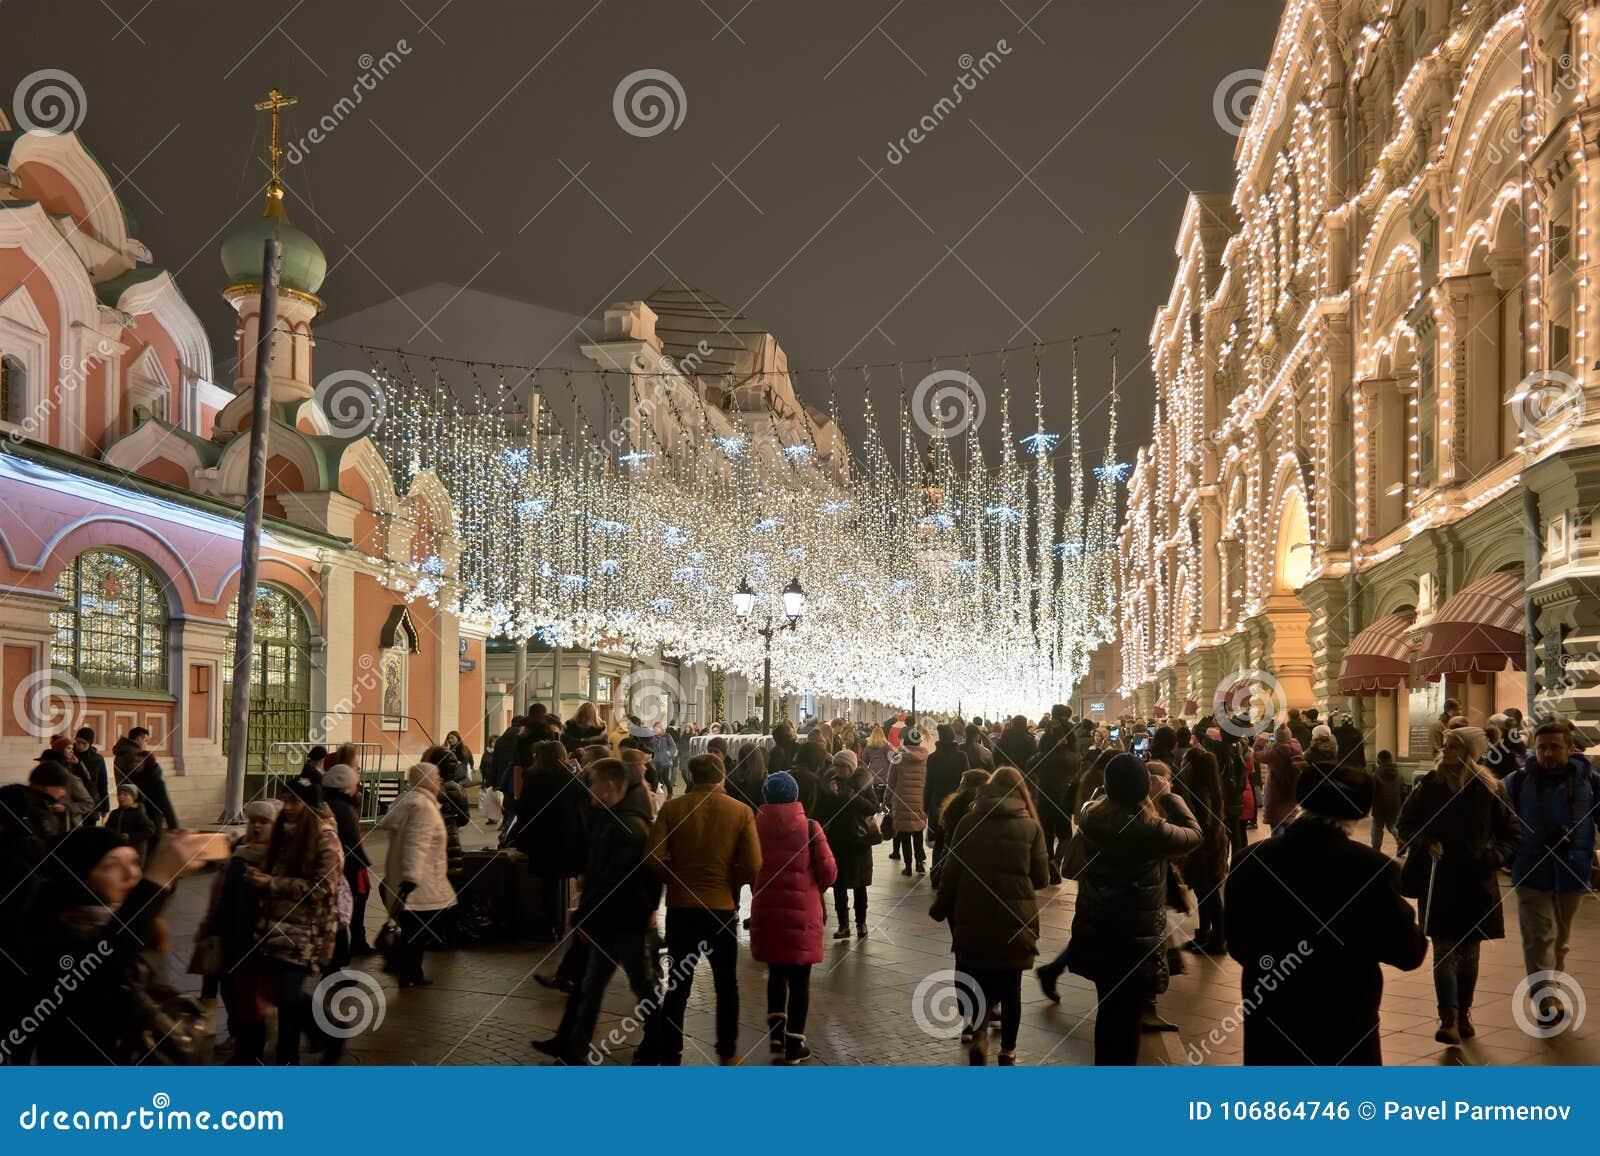 Moskau Astrakhan-Sommer 2012 ablichtung